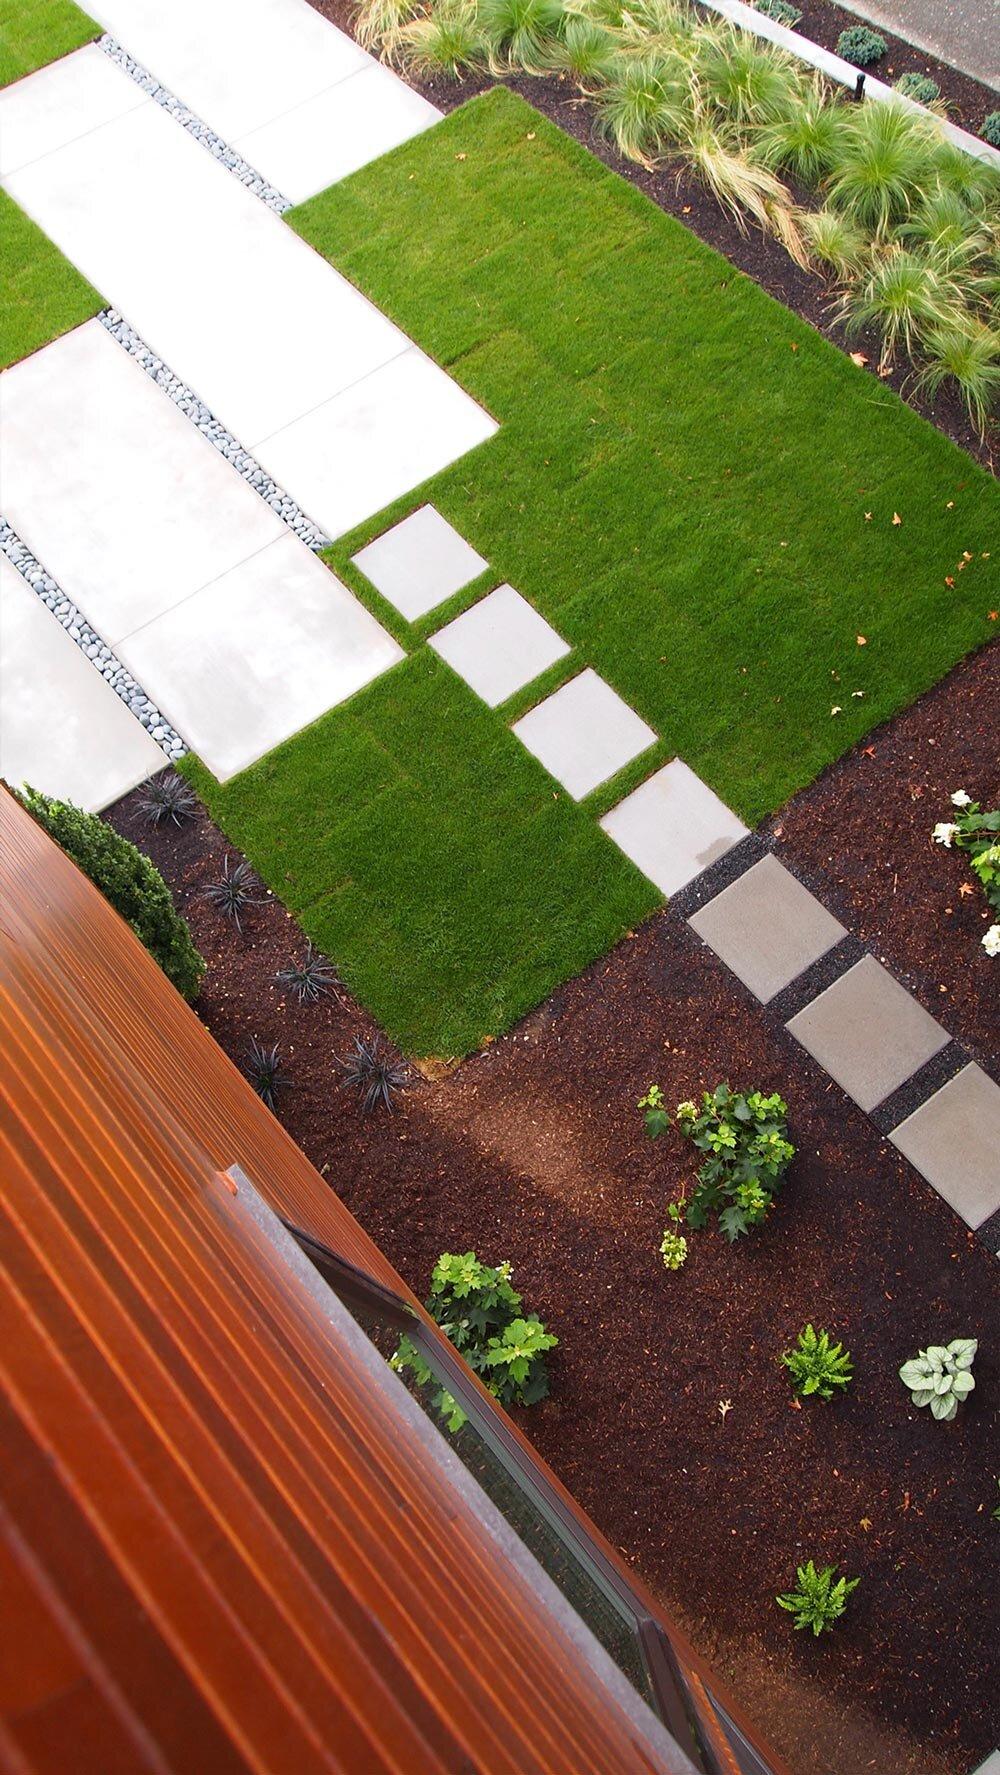 Seattle based Landscape Designer